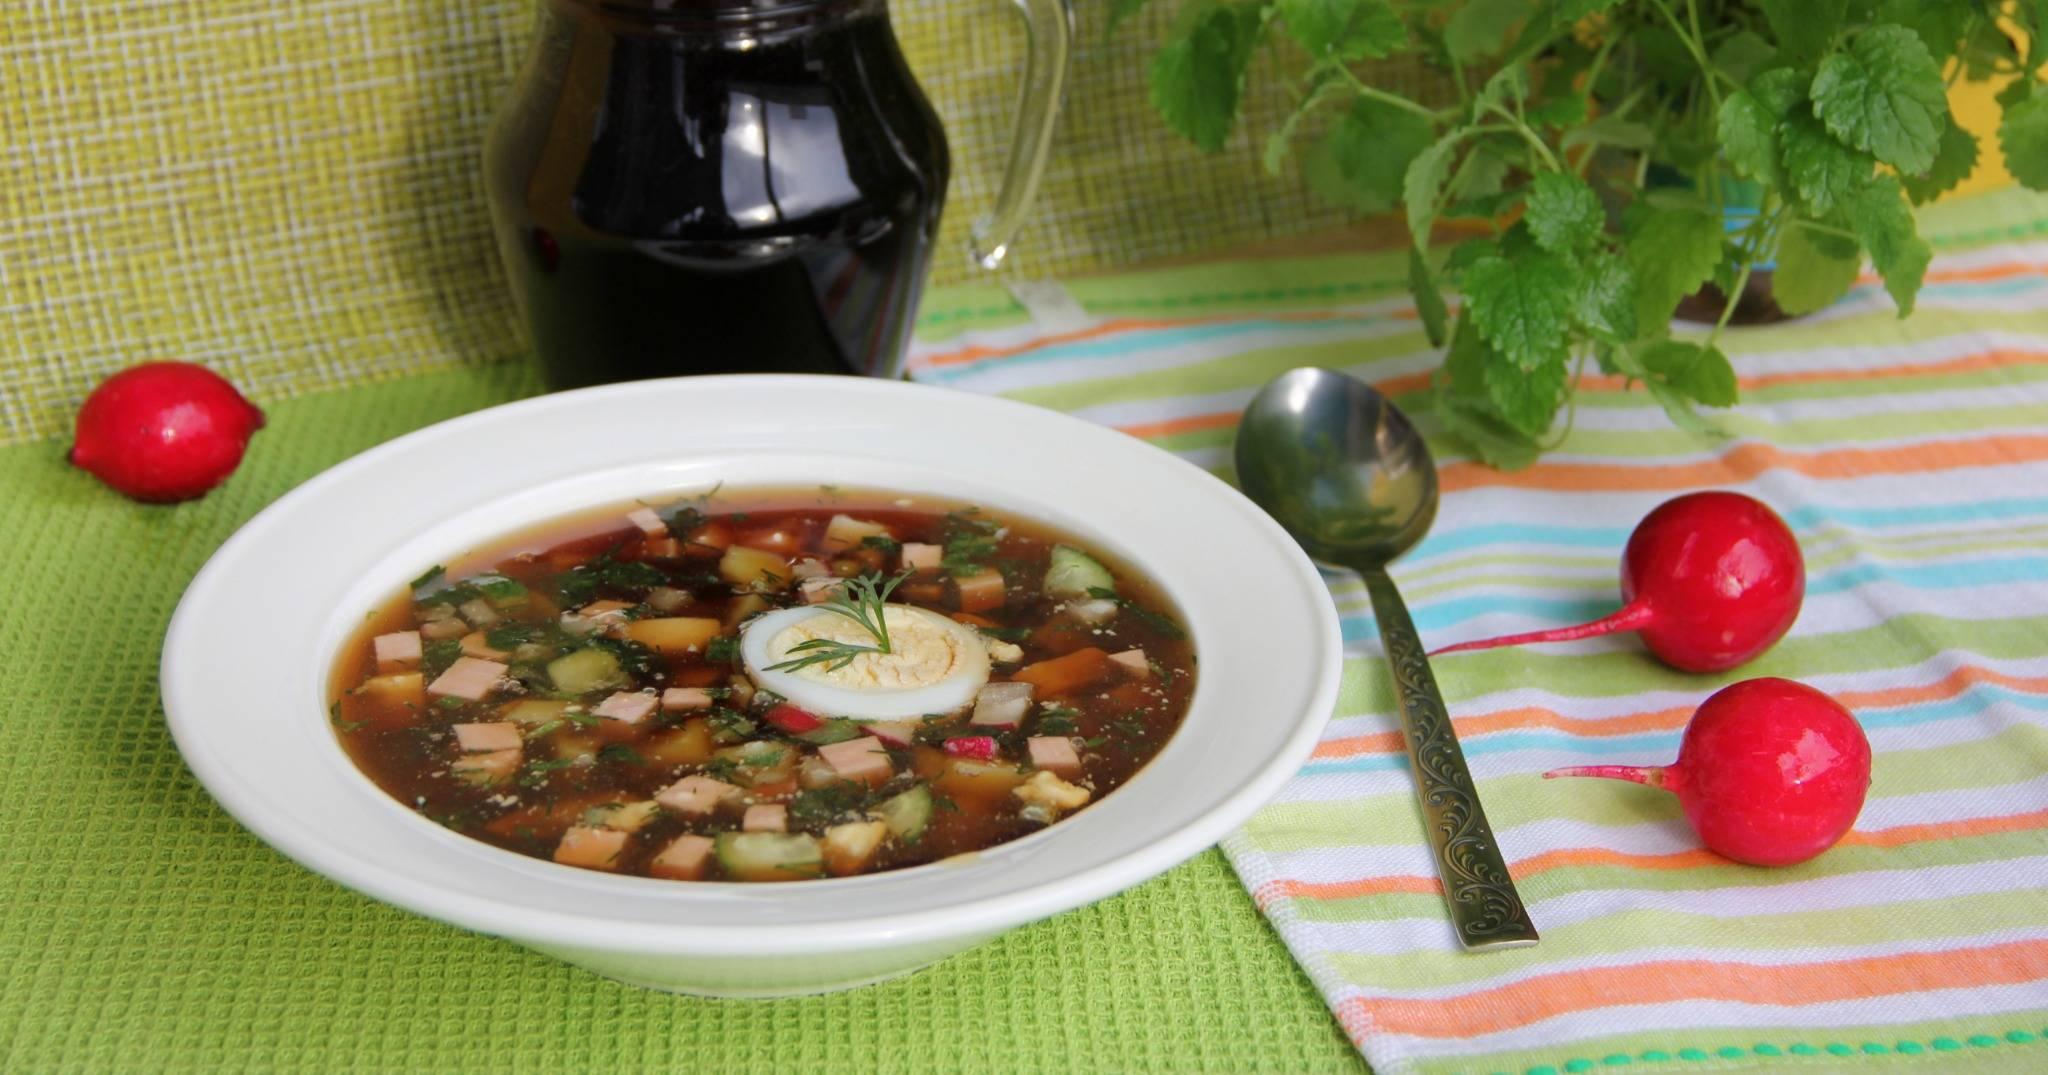 Окрошка на квасе с колбасой: классические рецепты вкусной окрошки